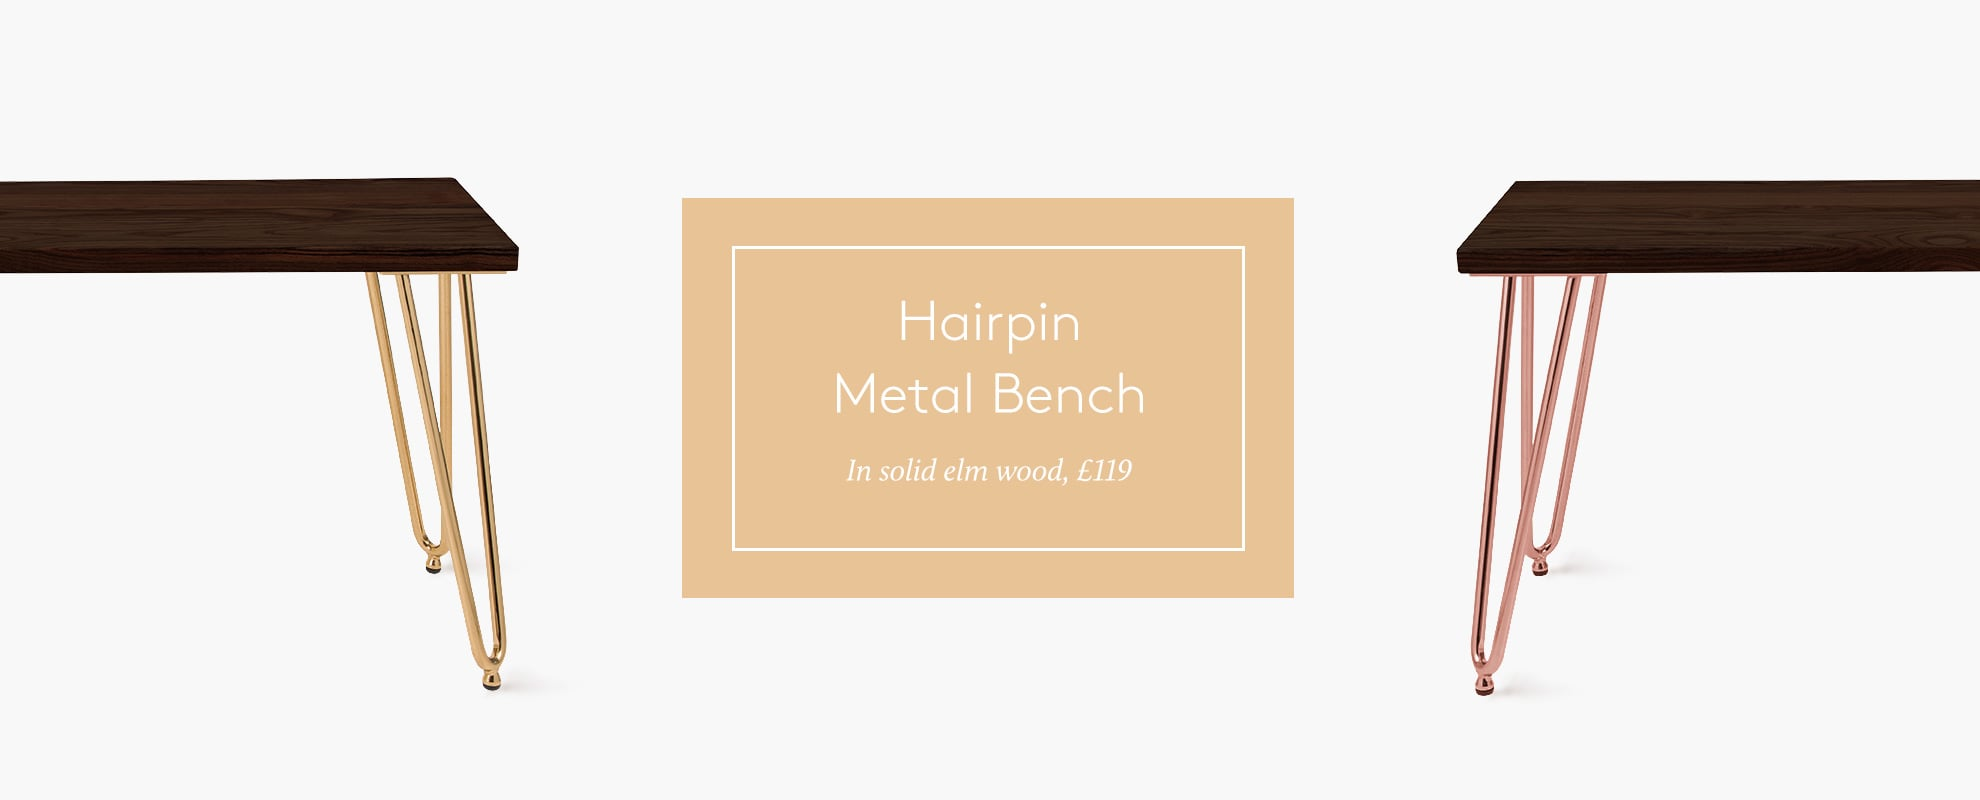 Hairpin Bench